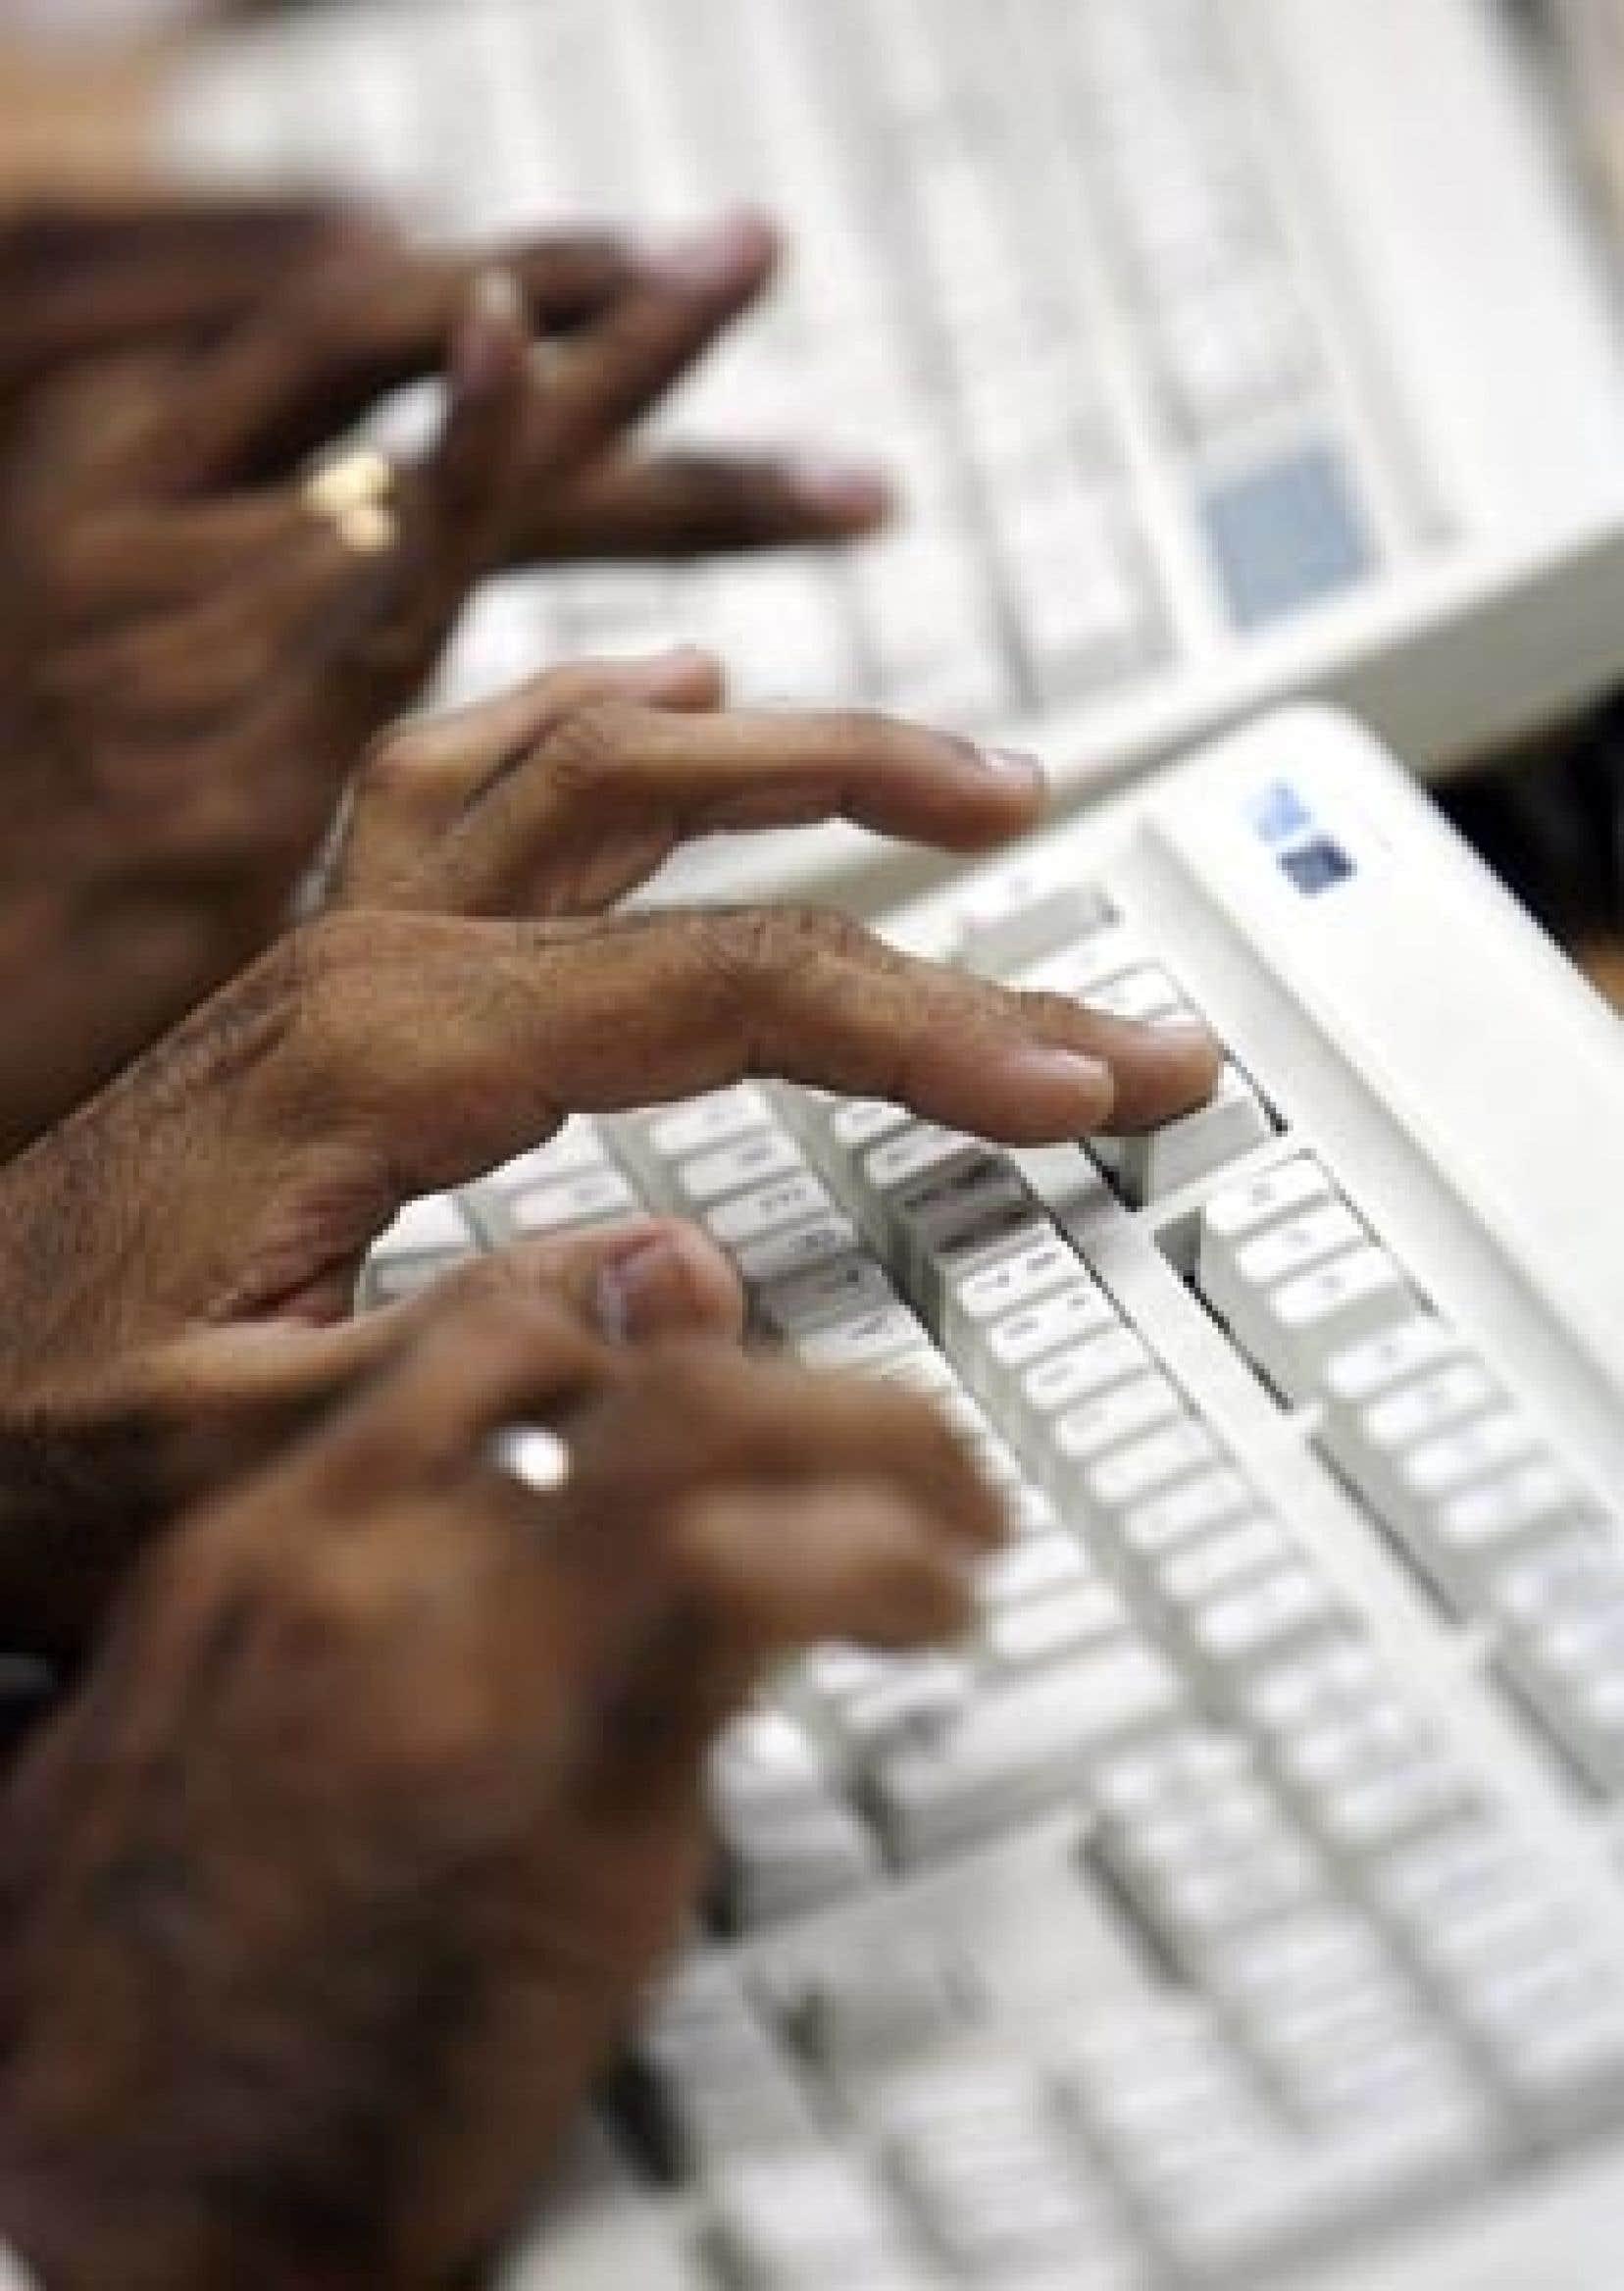 Pour acheter, vendre et échanger avec ses amis, l'internaute doit la plupart du temps fournir des données personnelles.